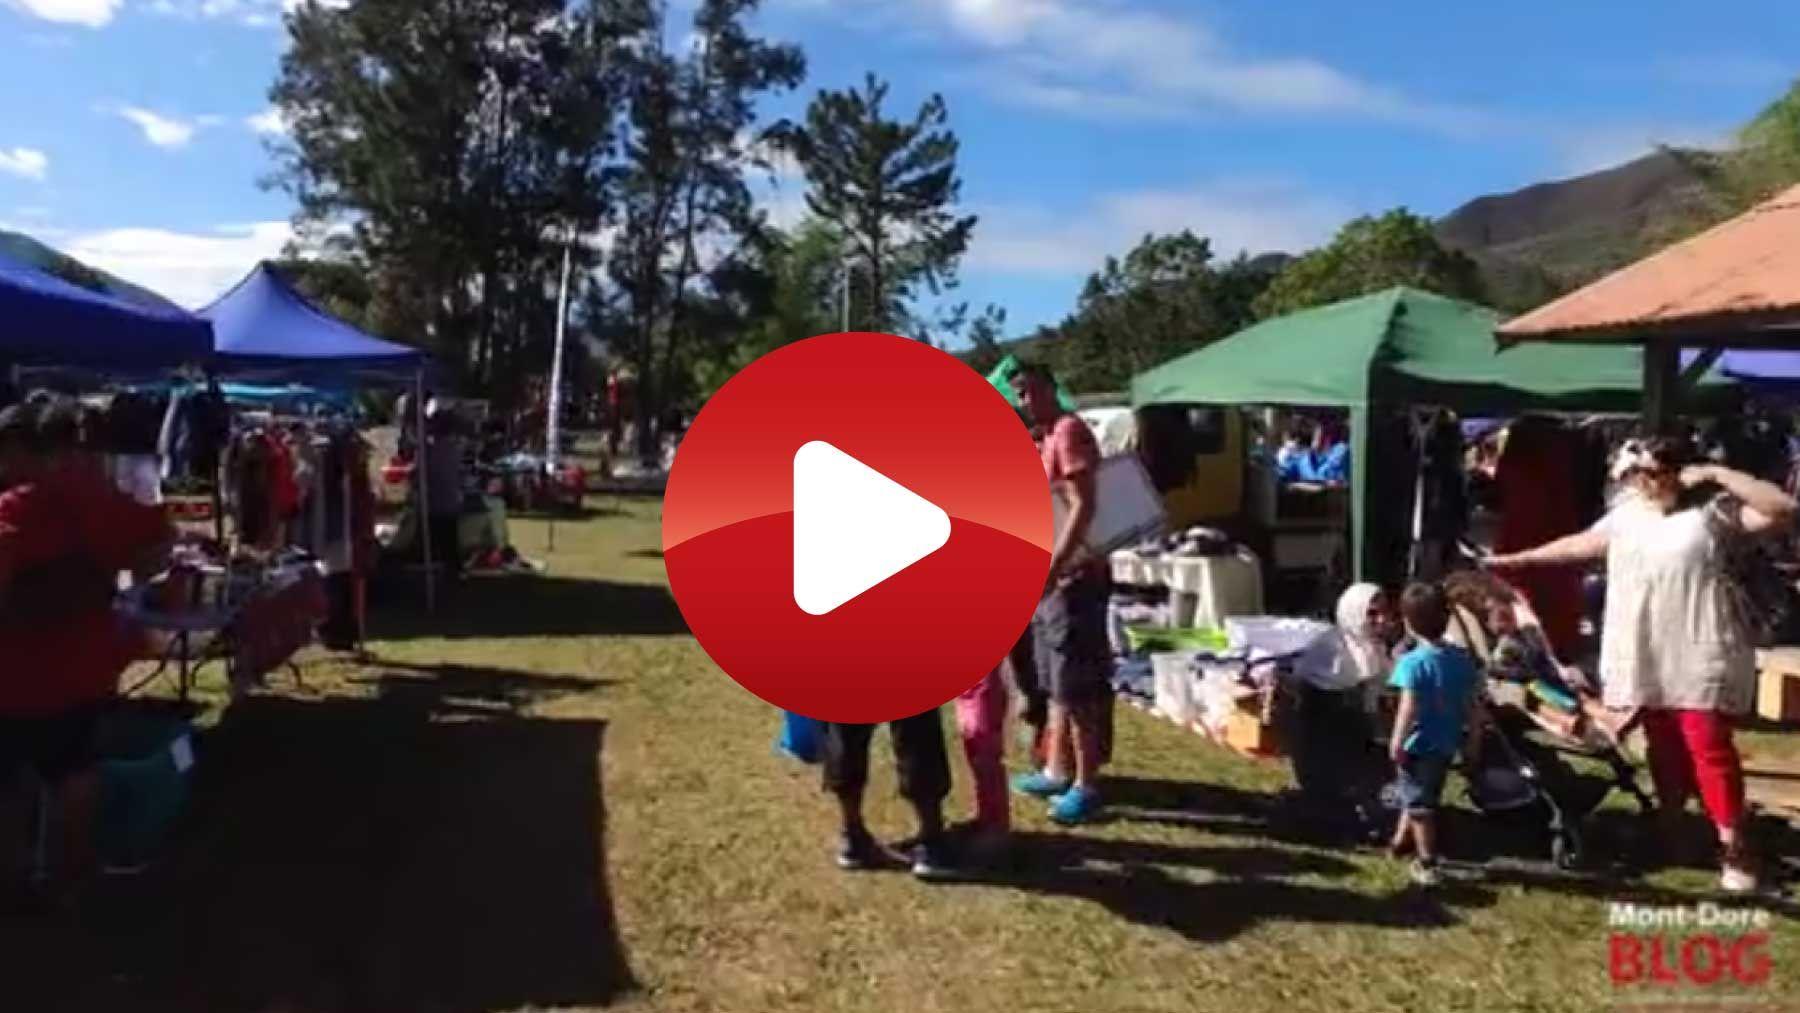 vide grenier juillet 2017 6haqj02brpayscwu6nnqj9zpxiwcmglilpfawie8nrk Vide grenier géant du 22 juillet 2017 au parc de la Coulée